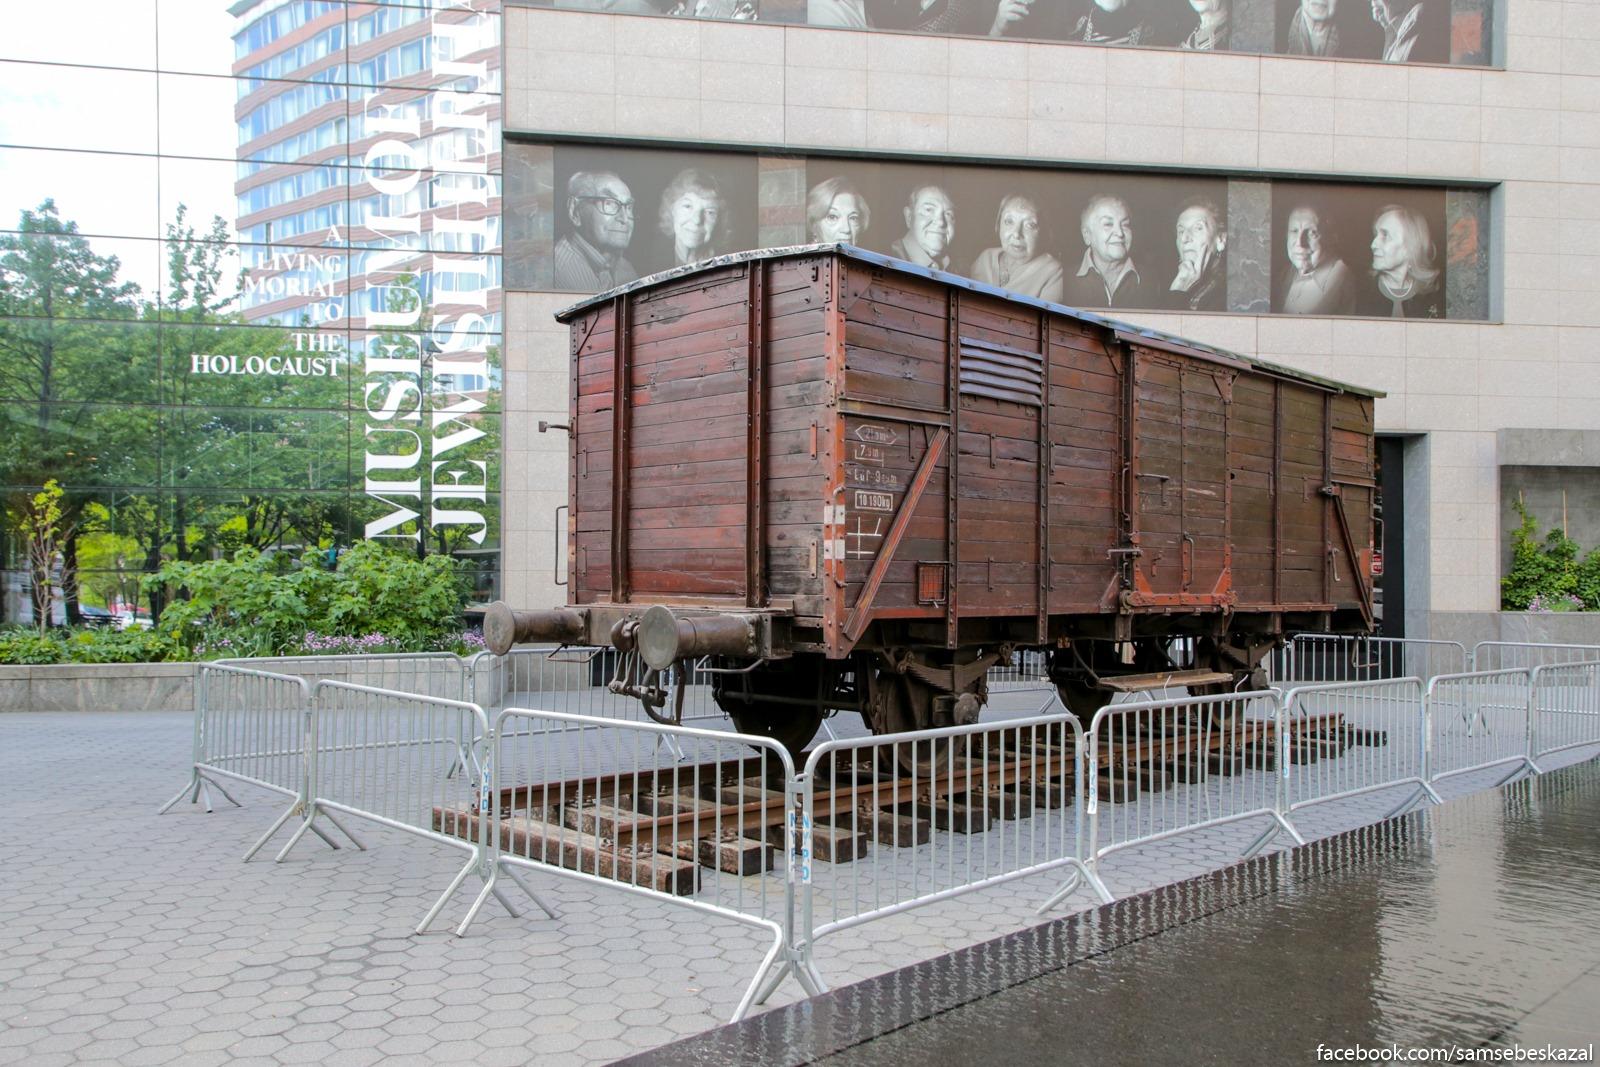 U zdania evrejskogo muzea v dauntaune Manhettena ustanovili nemeckij vagon vremen Vtoroj mirovoj vojny, analogicnyj tem, v kotoryh vyvozili evreev v koncentracionnye lagera. V samom muzee idet vystavka posvasennaa lageru smerti Osvencim.